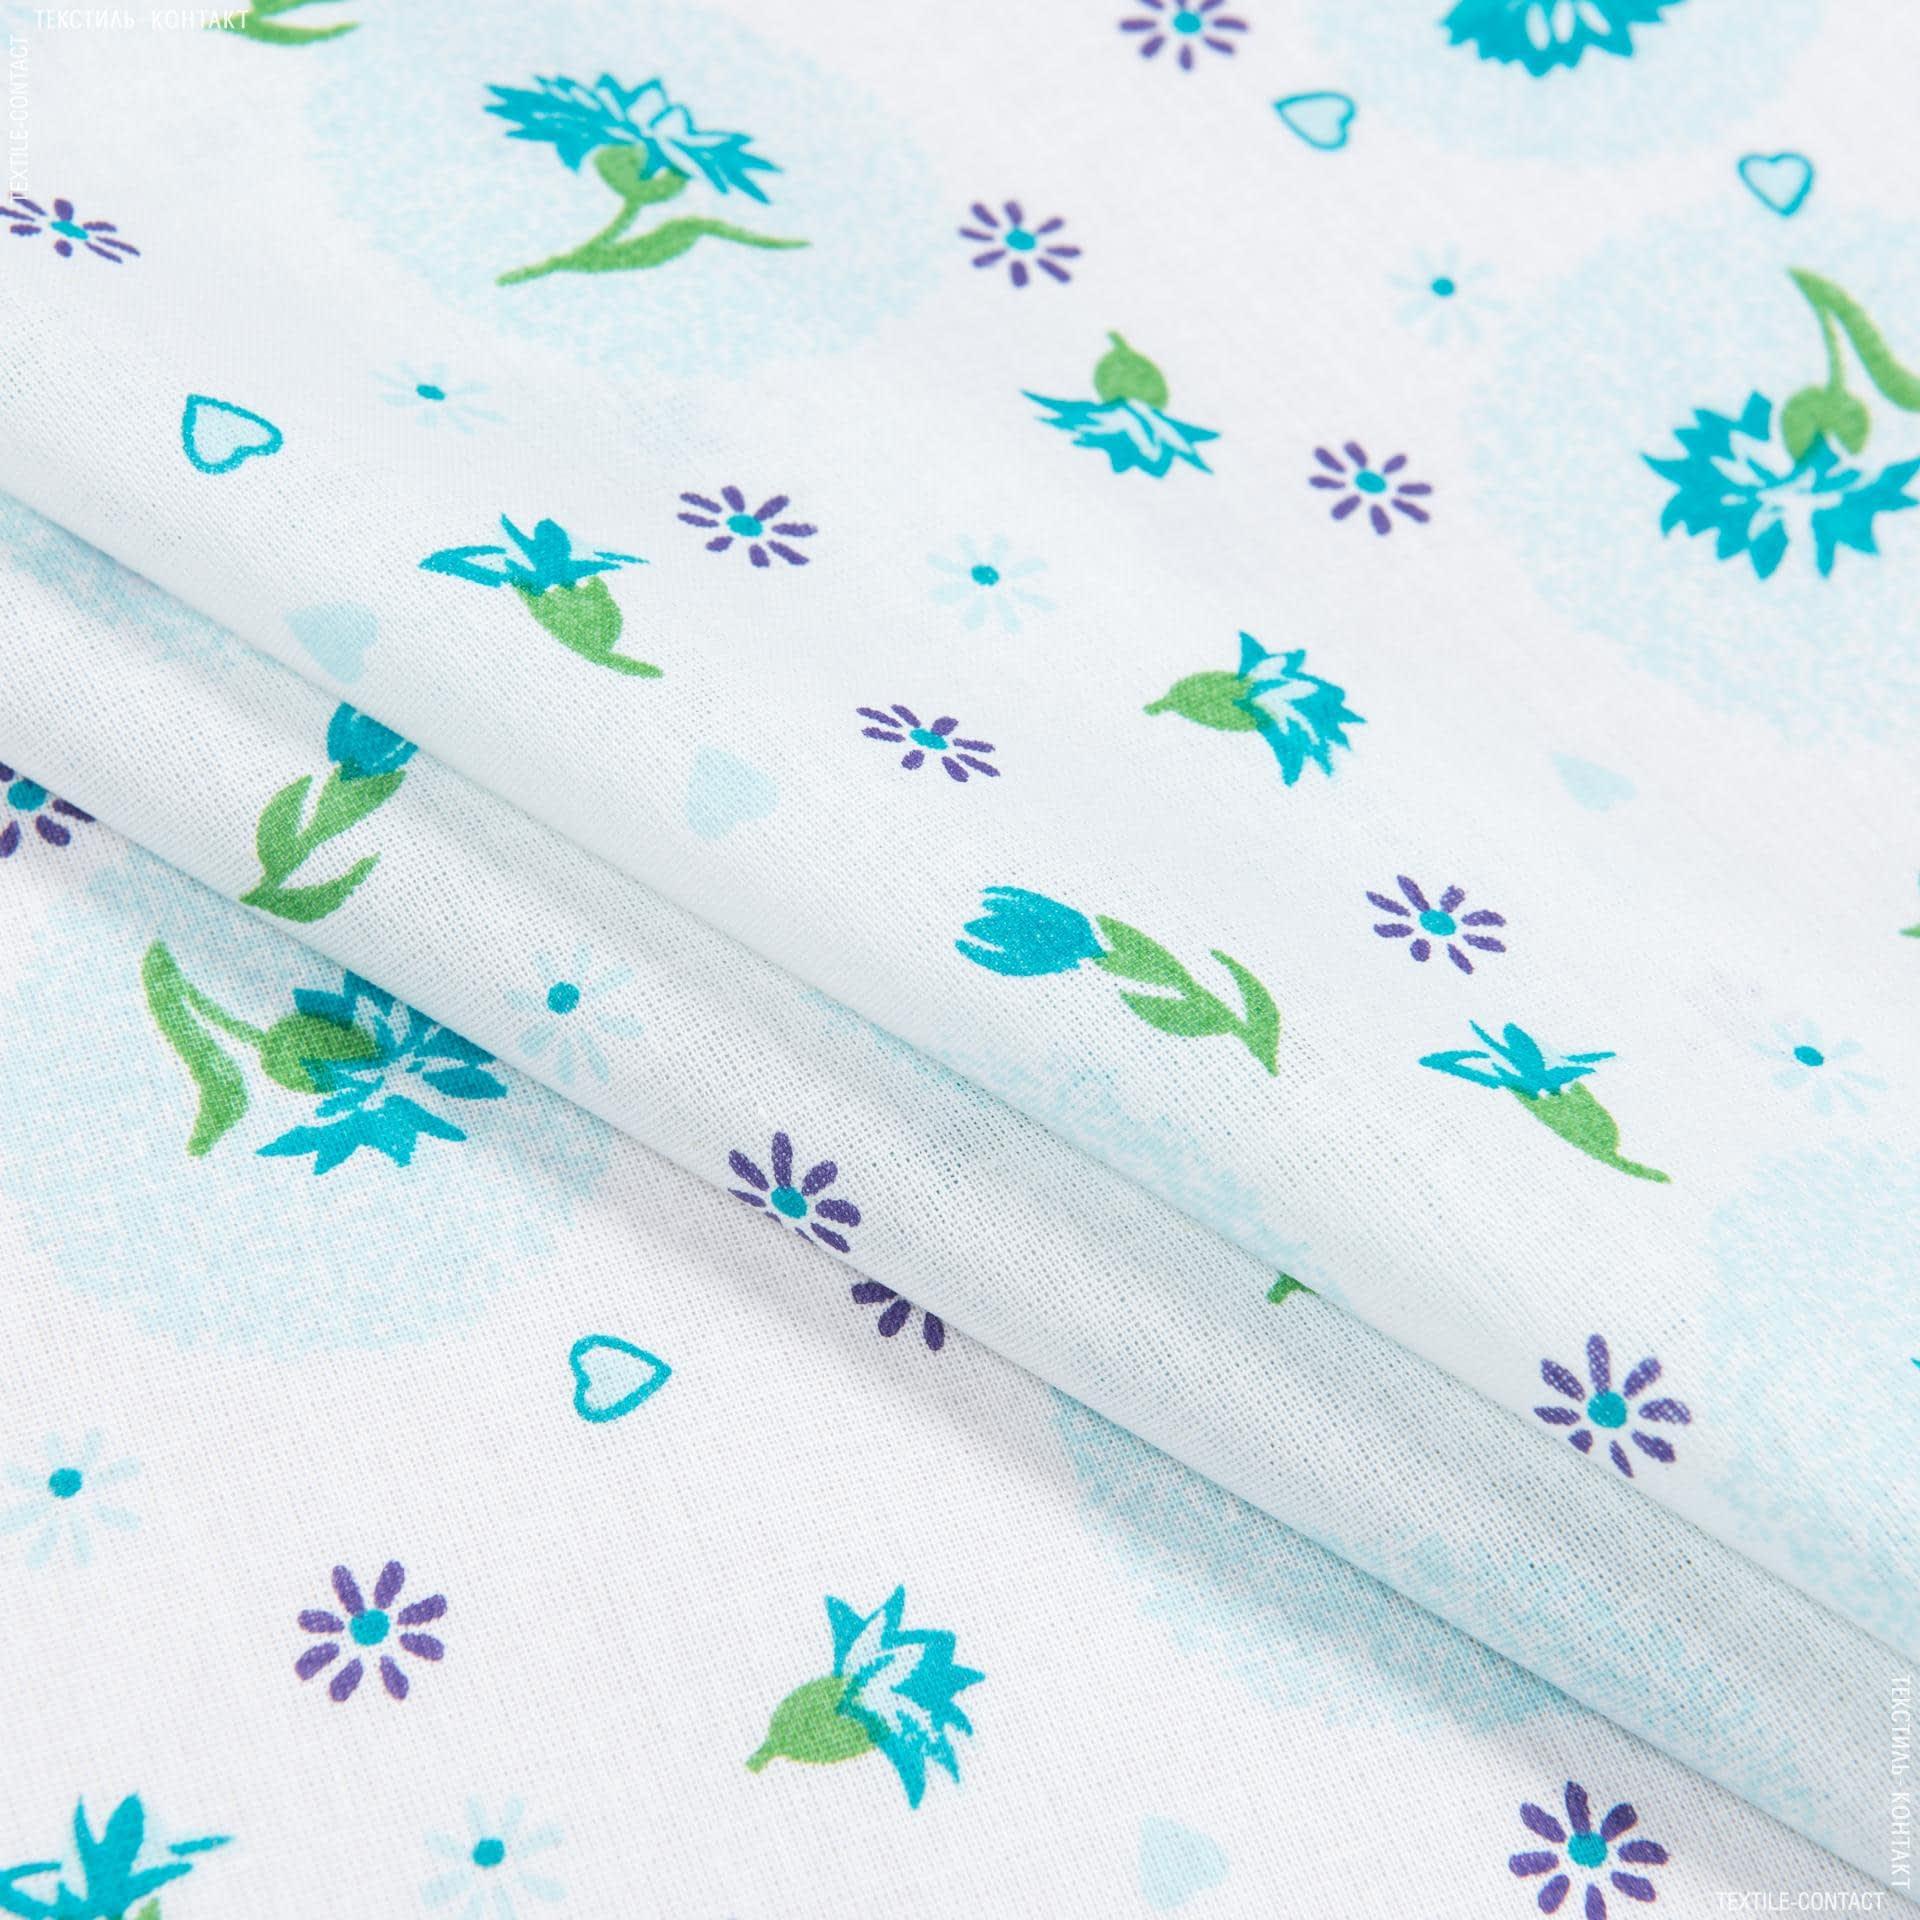 Ткани для сорочек и пижам - Ситец 67-ткч василек голубой